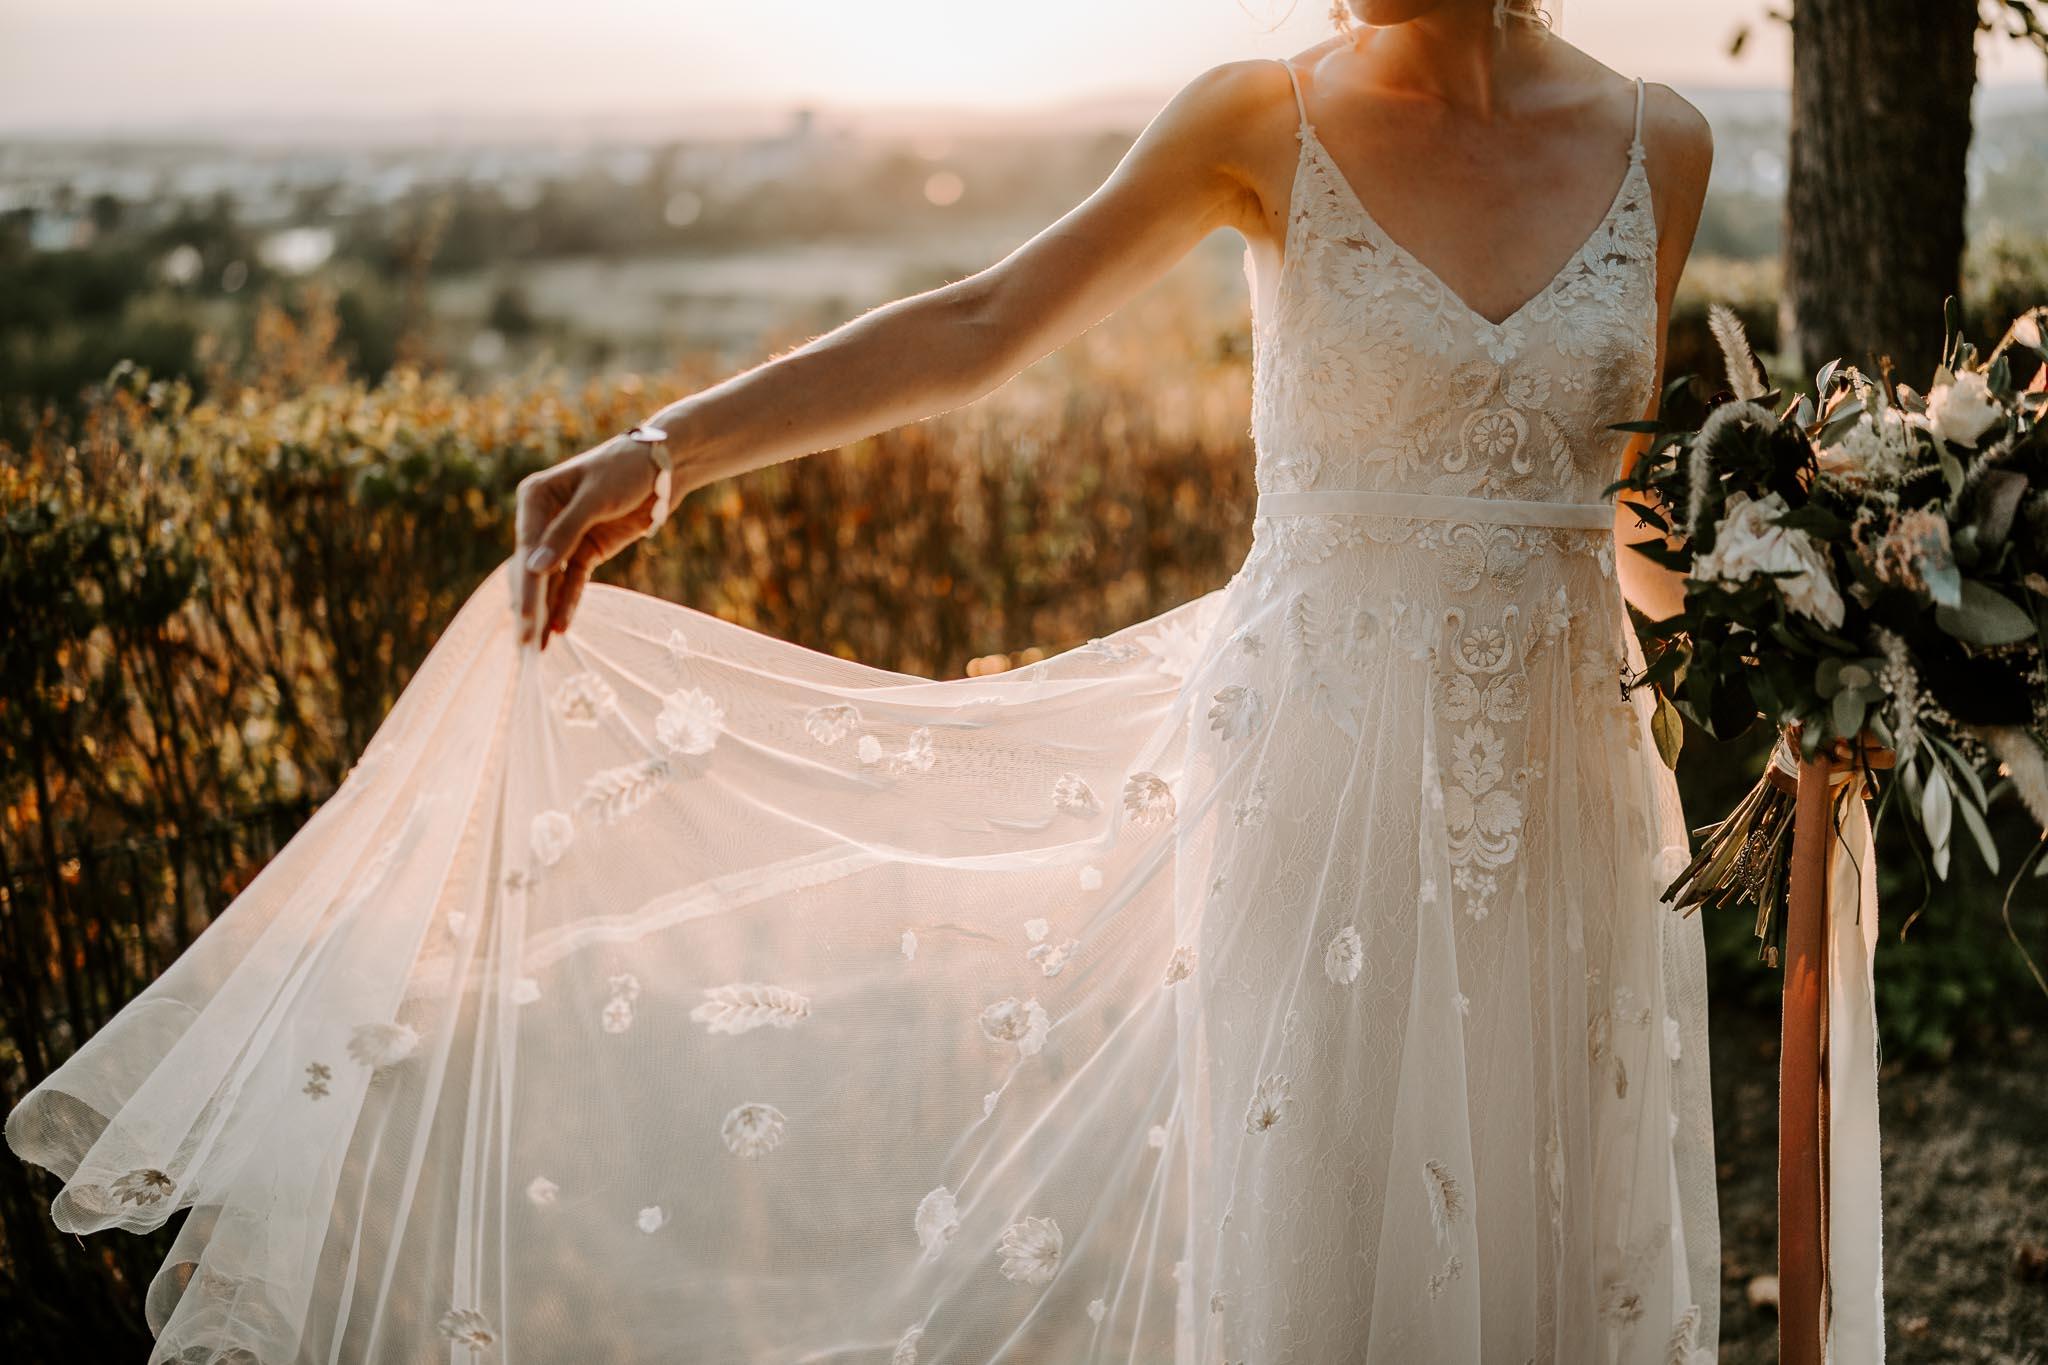 Bruid met trouwjurk in haar handen